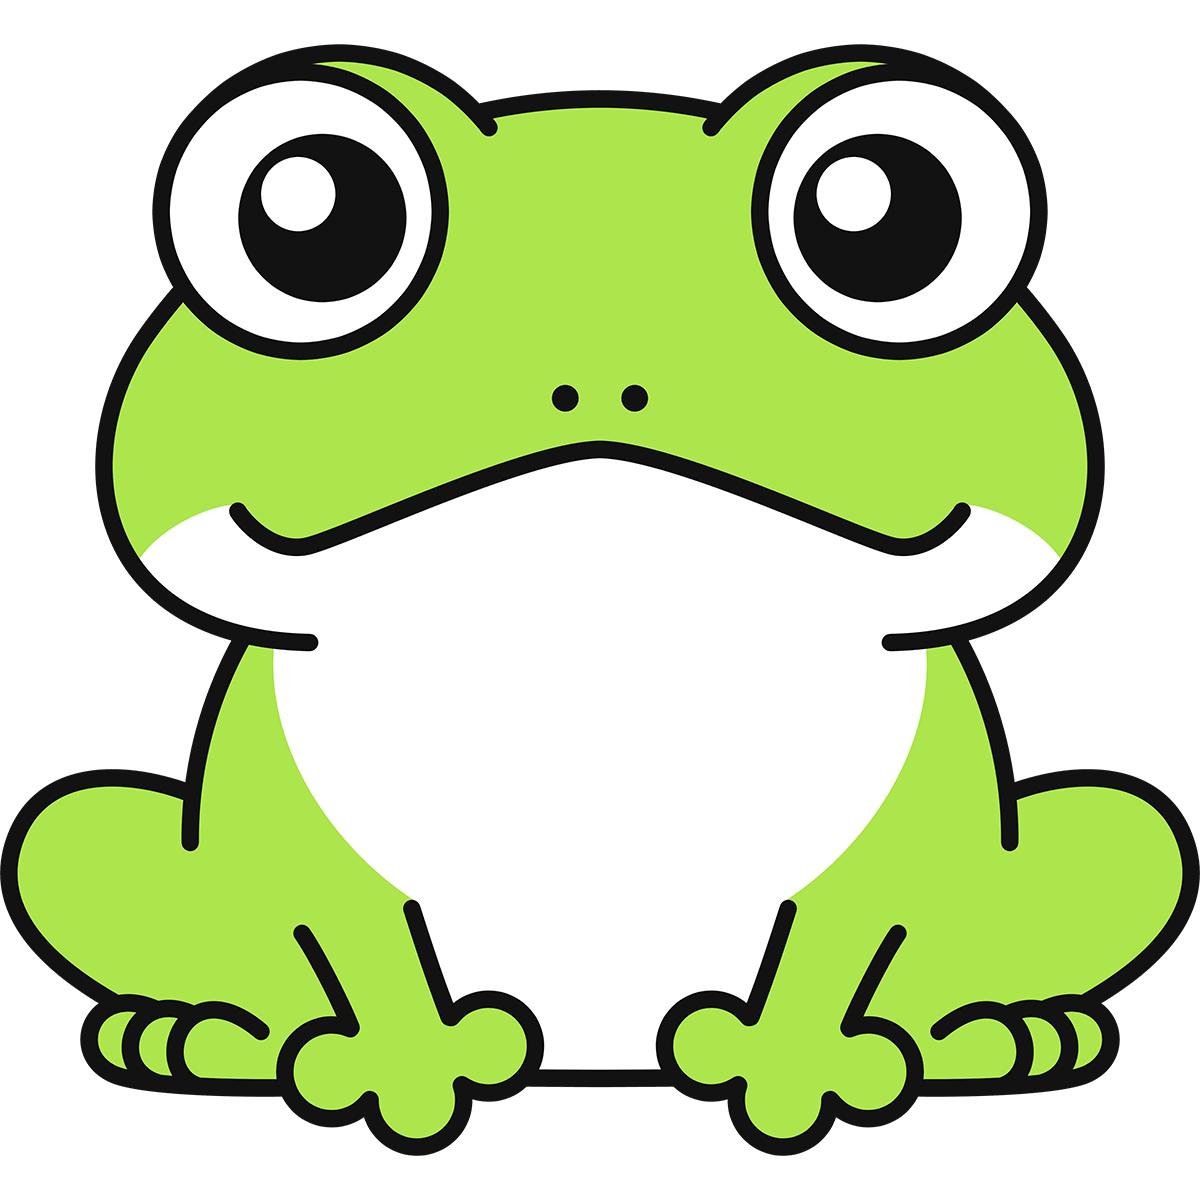 カエルの無料イラスト